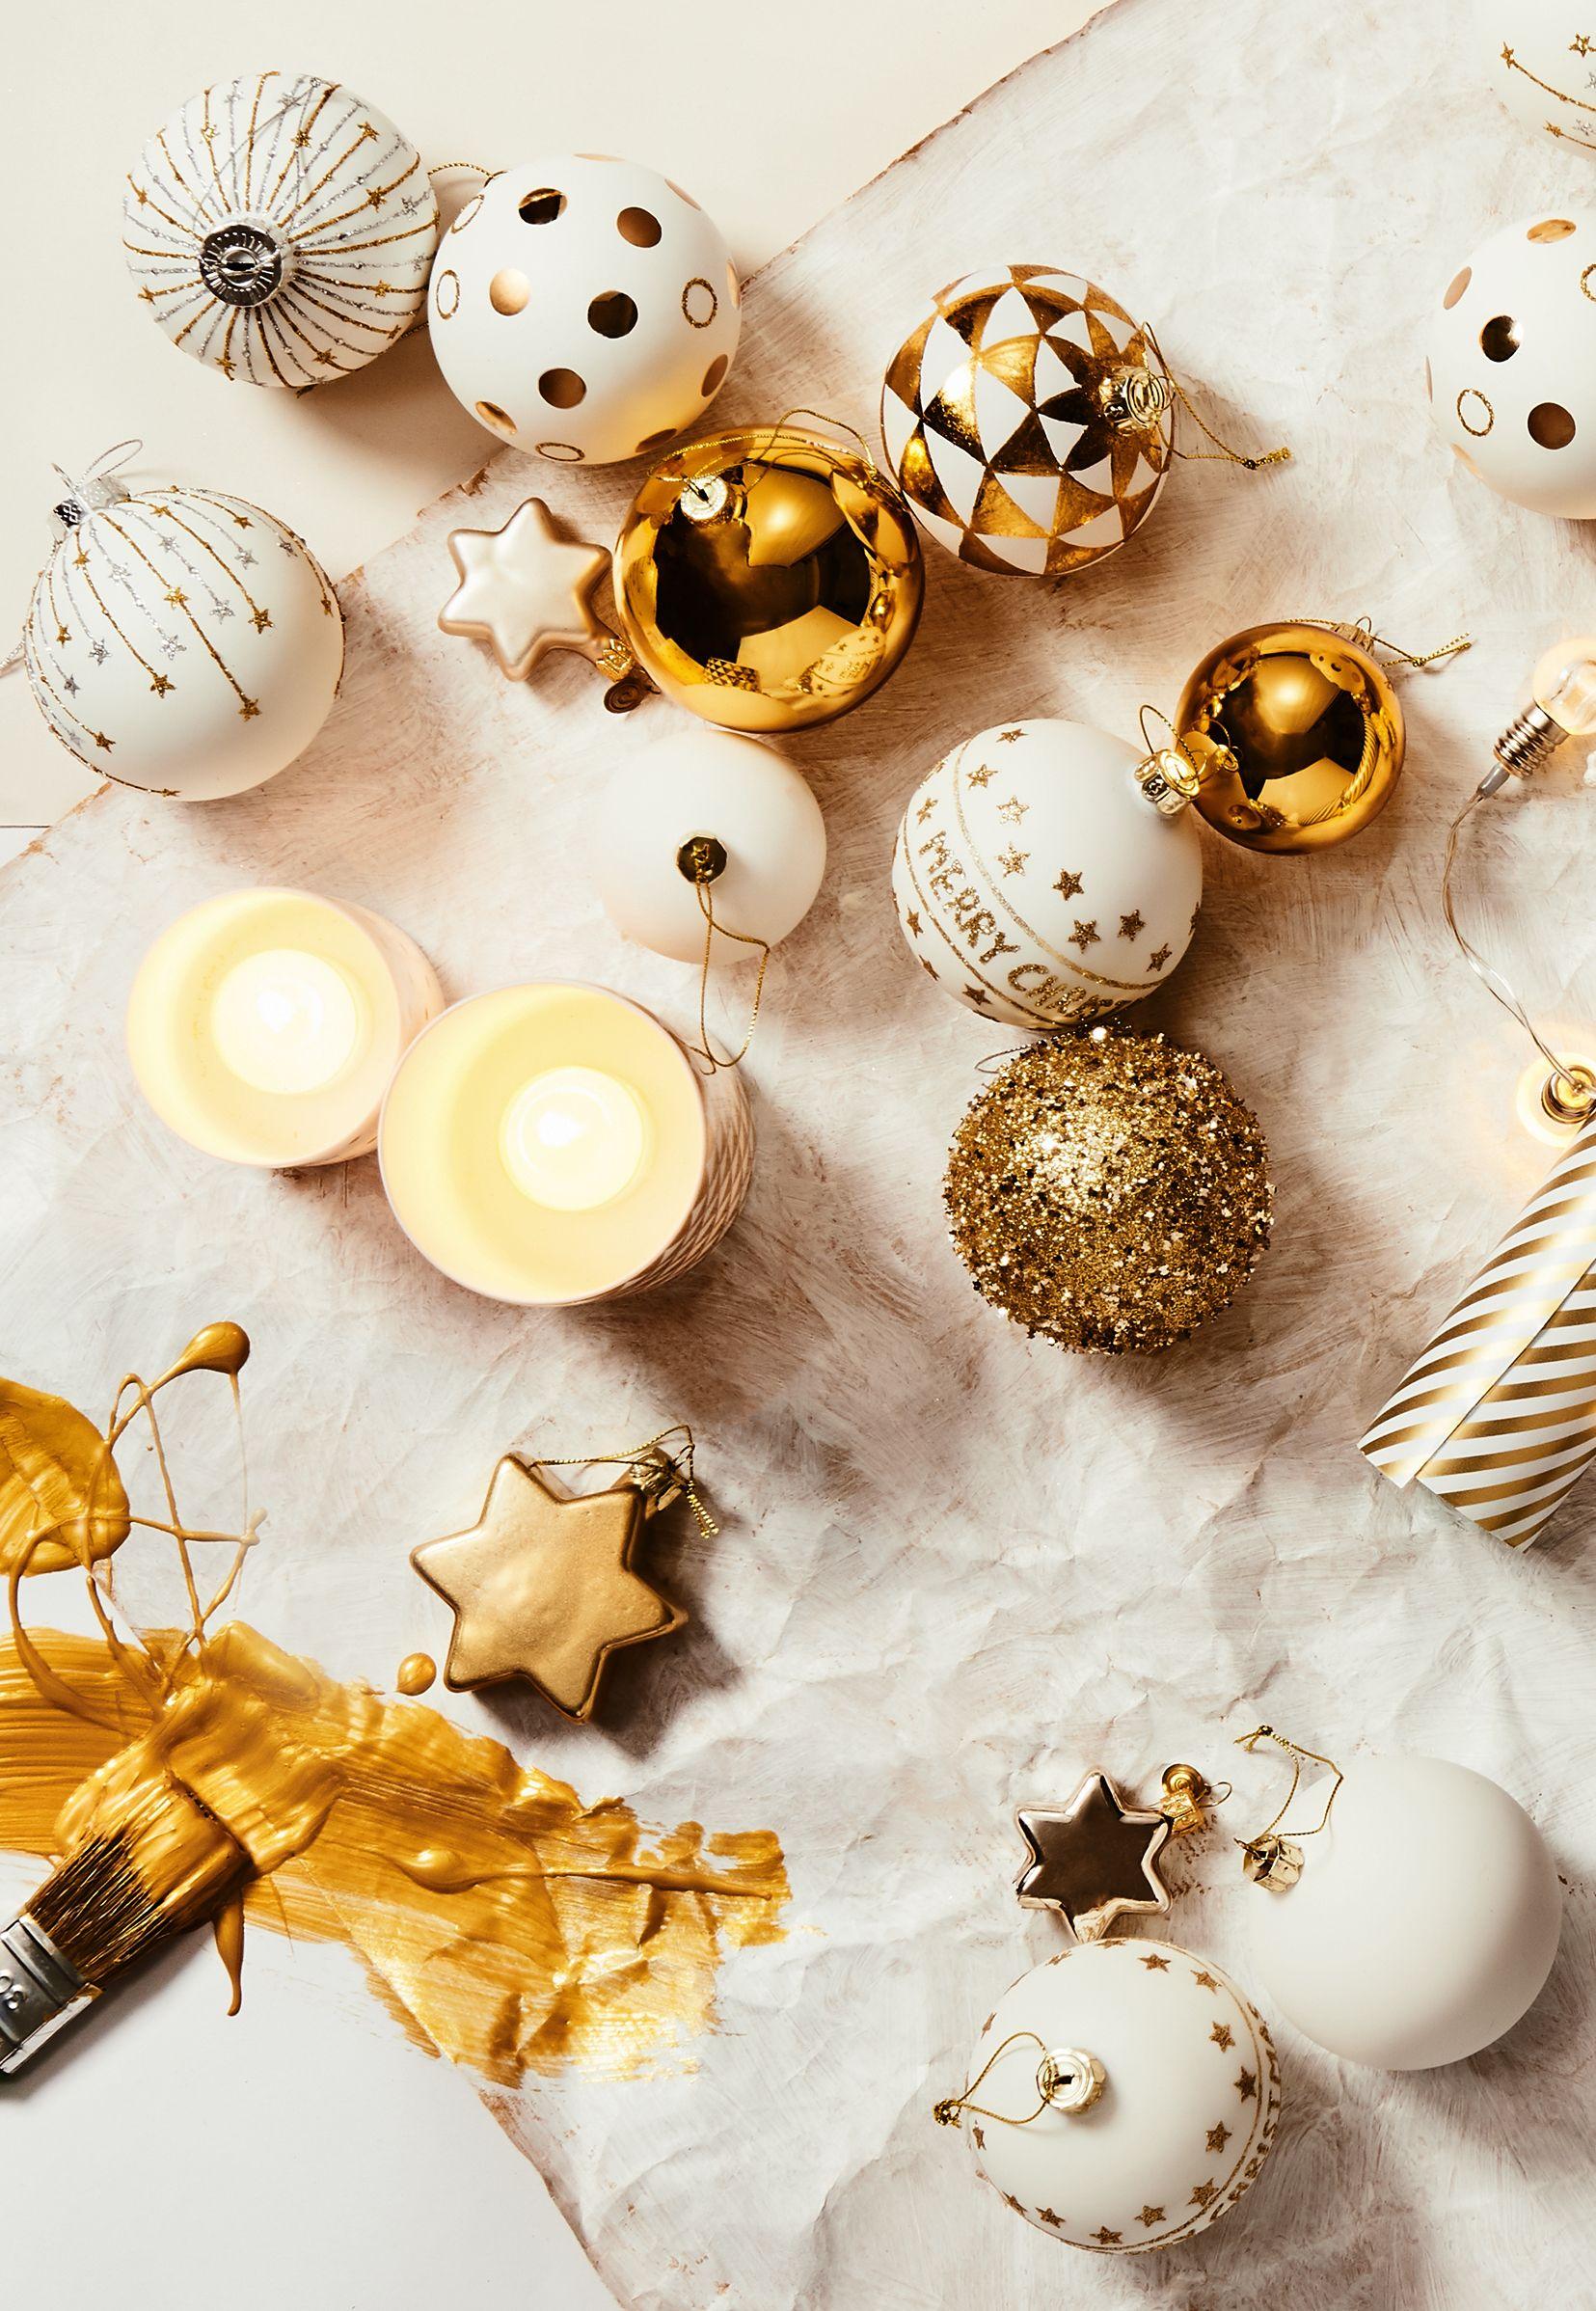 Weihnachtskugeln In Weiß Und Gold Von Butlers / Klassischer Baumschmuck